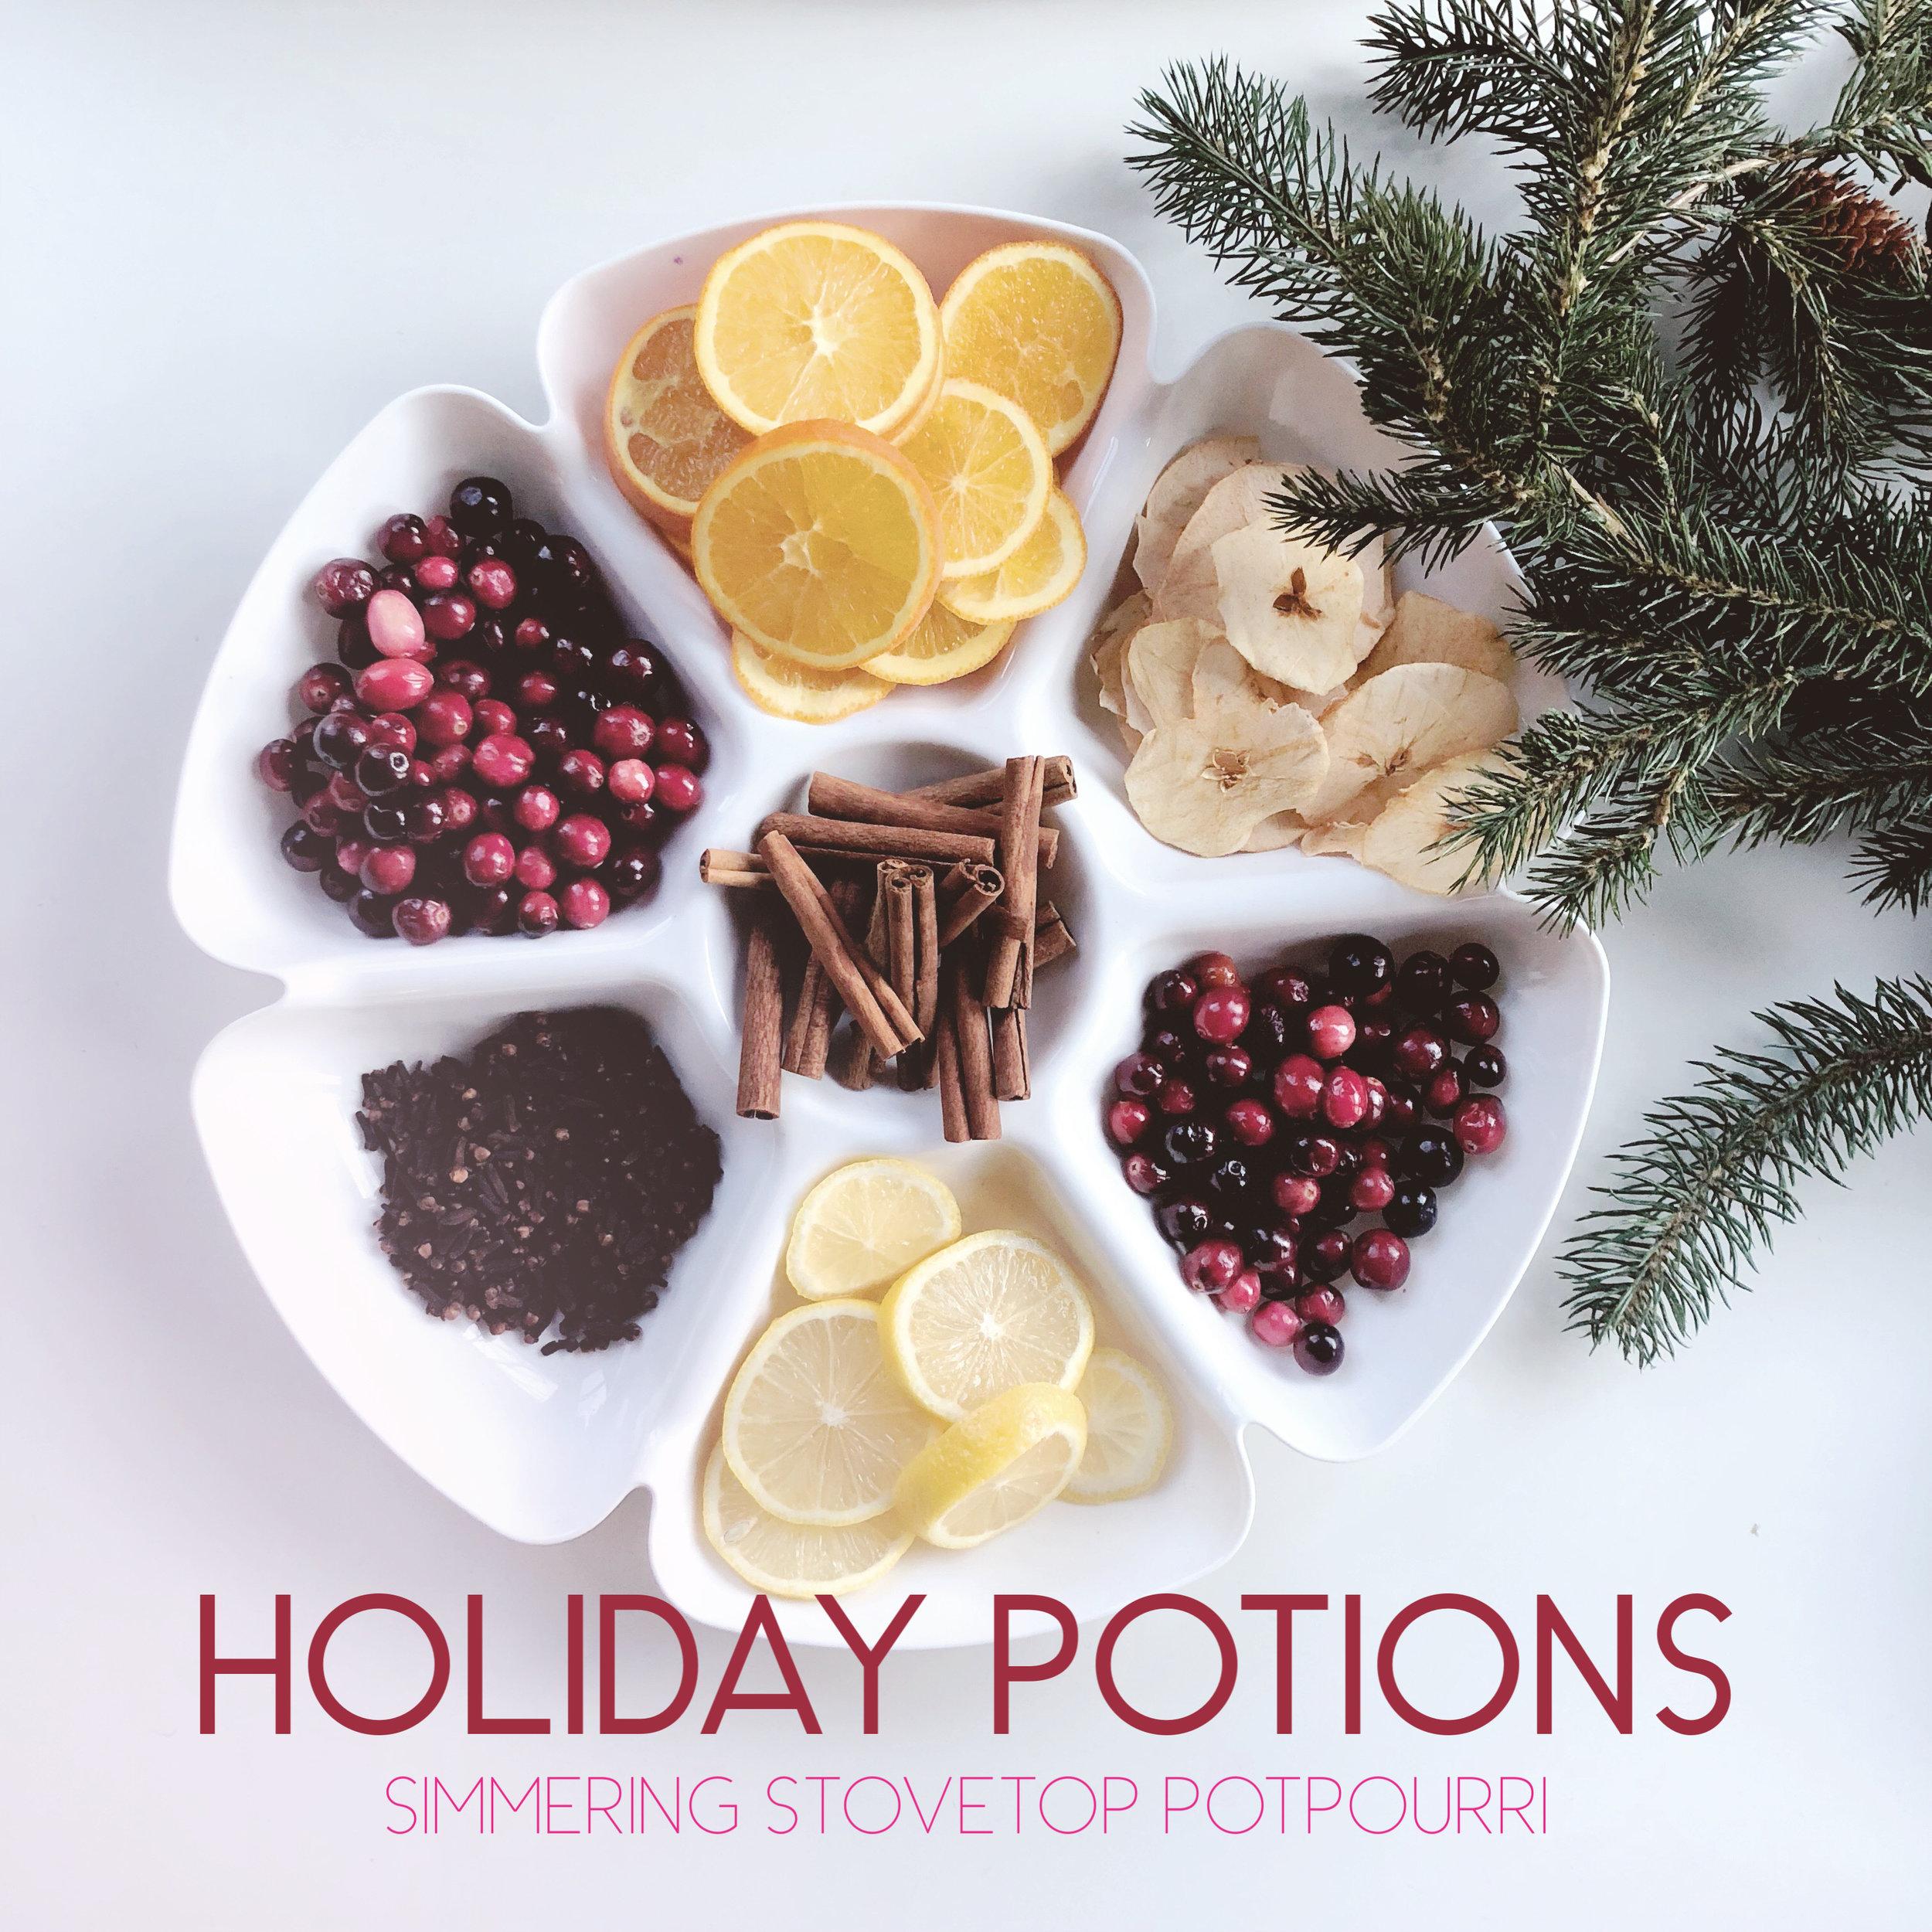 Holiday Potions.jpg